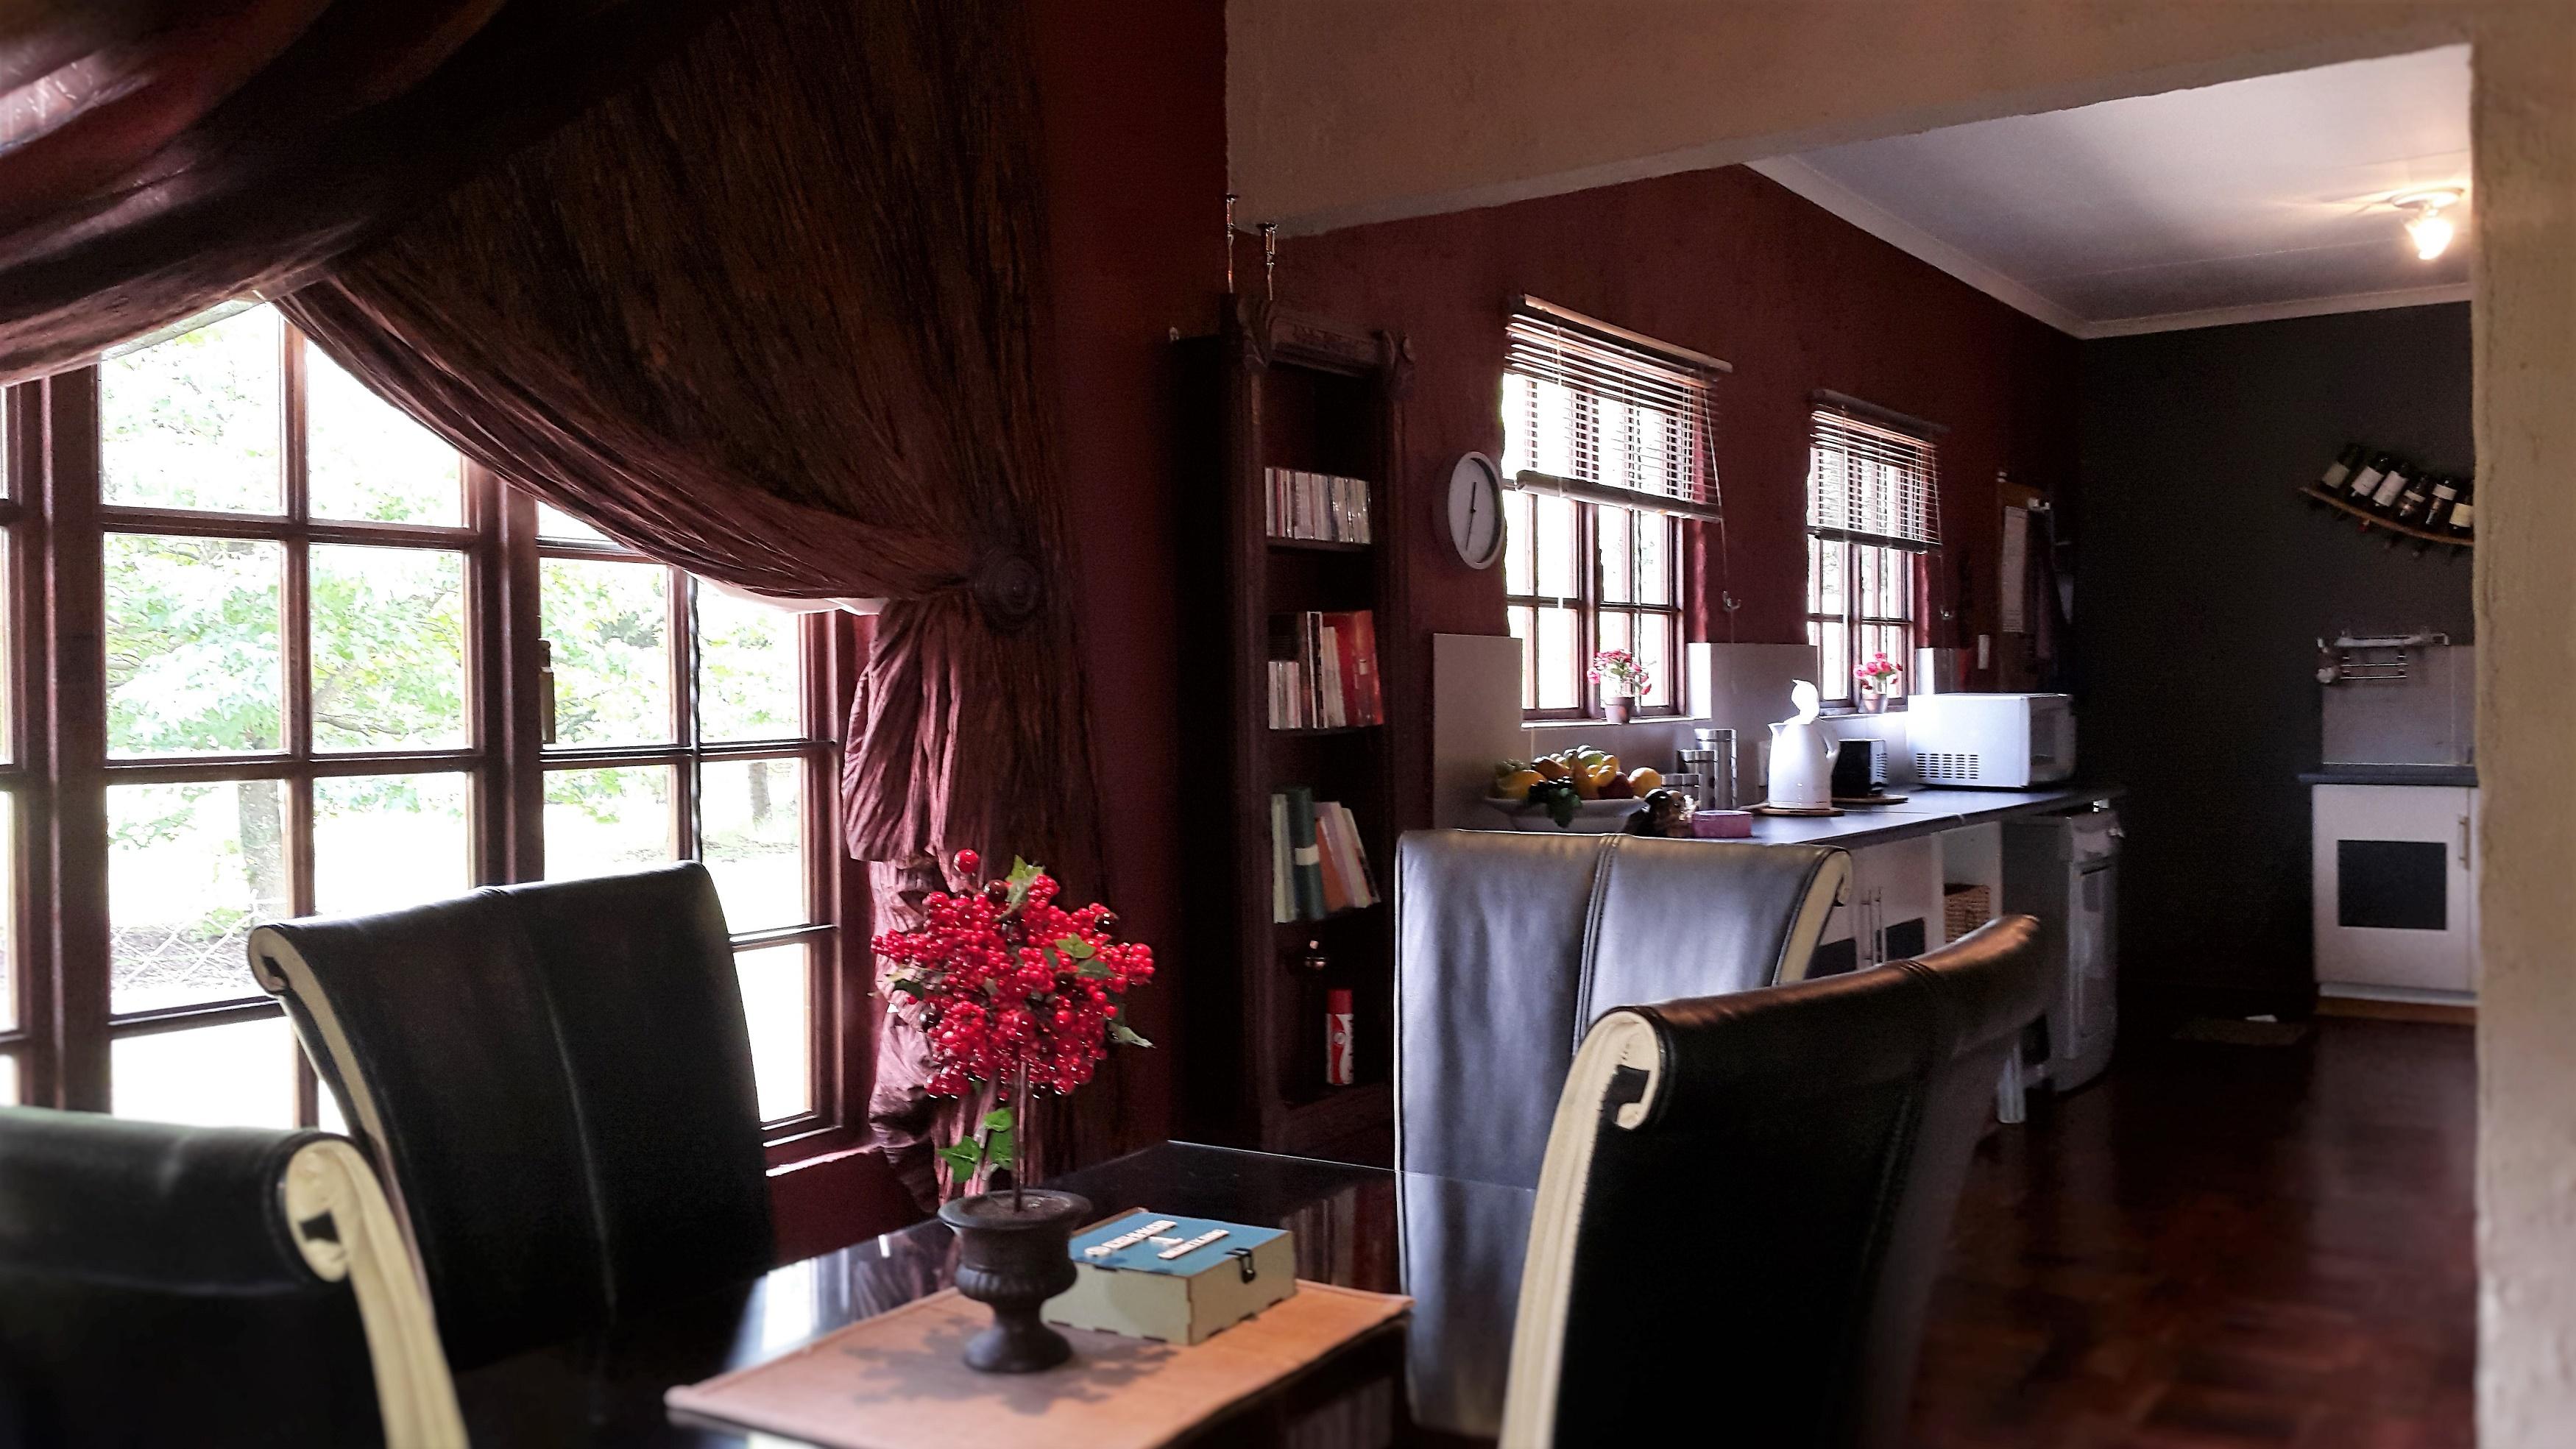 Cottage diningroom